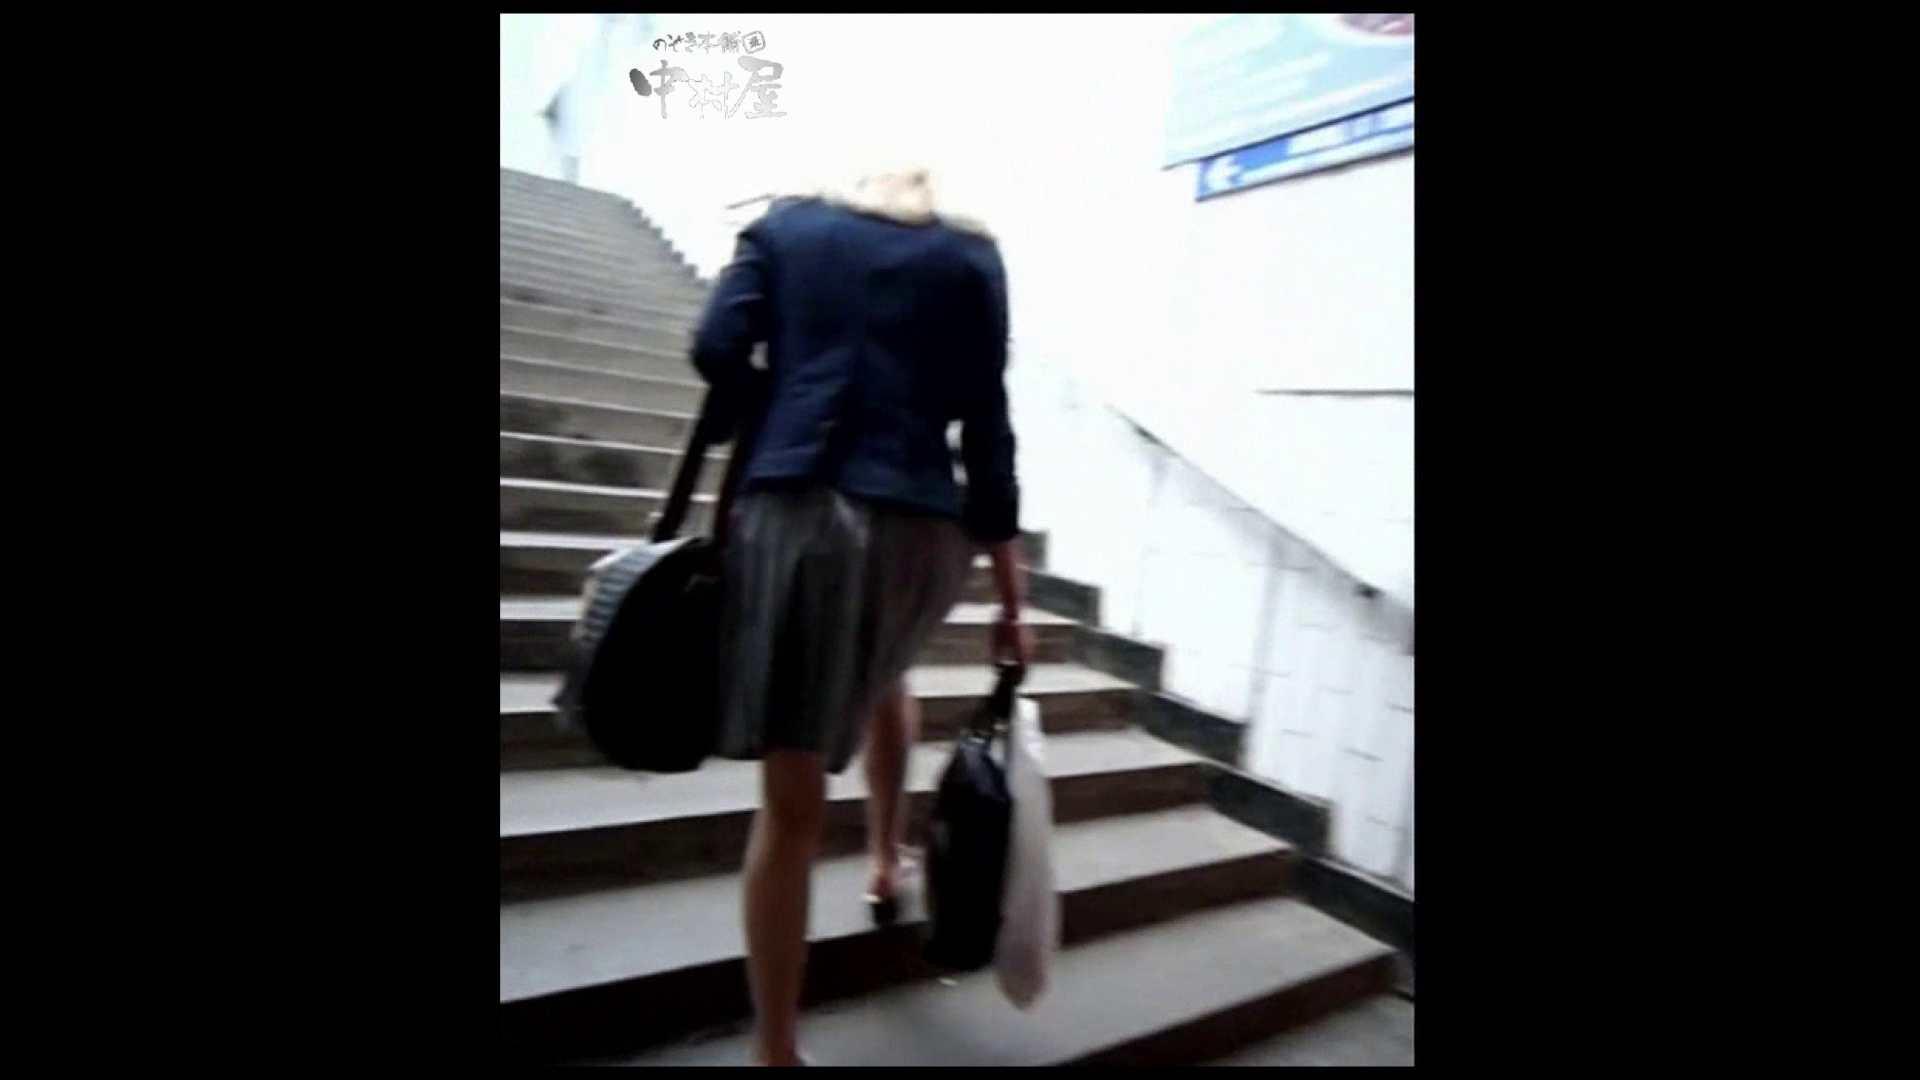 綺麗なモデルさんのスカート捲っちゃおう‼ vol30 お姉さん丸裸   モデル  96pic 43